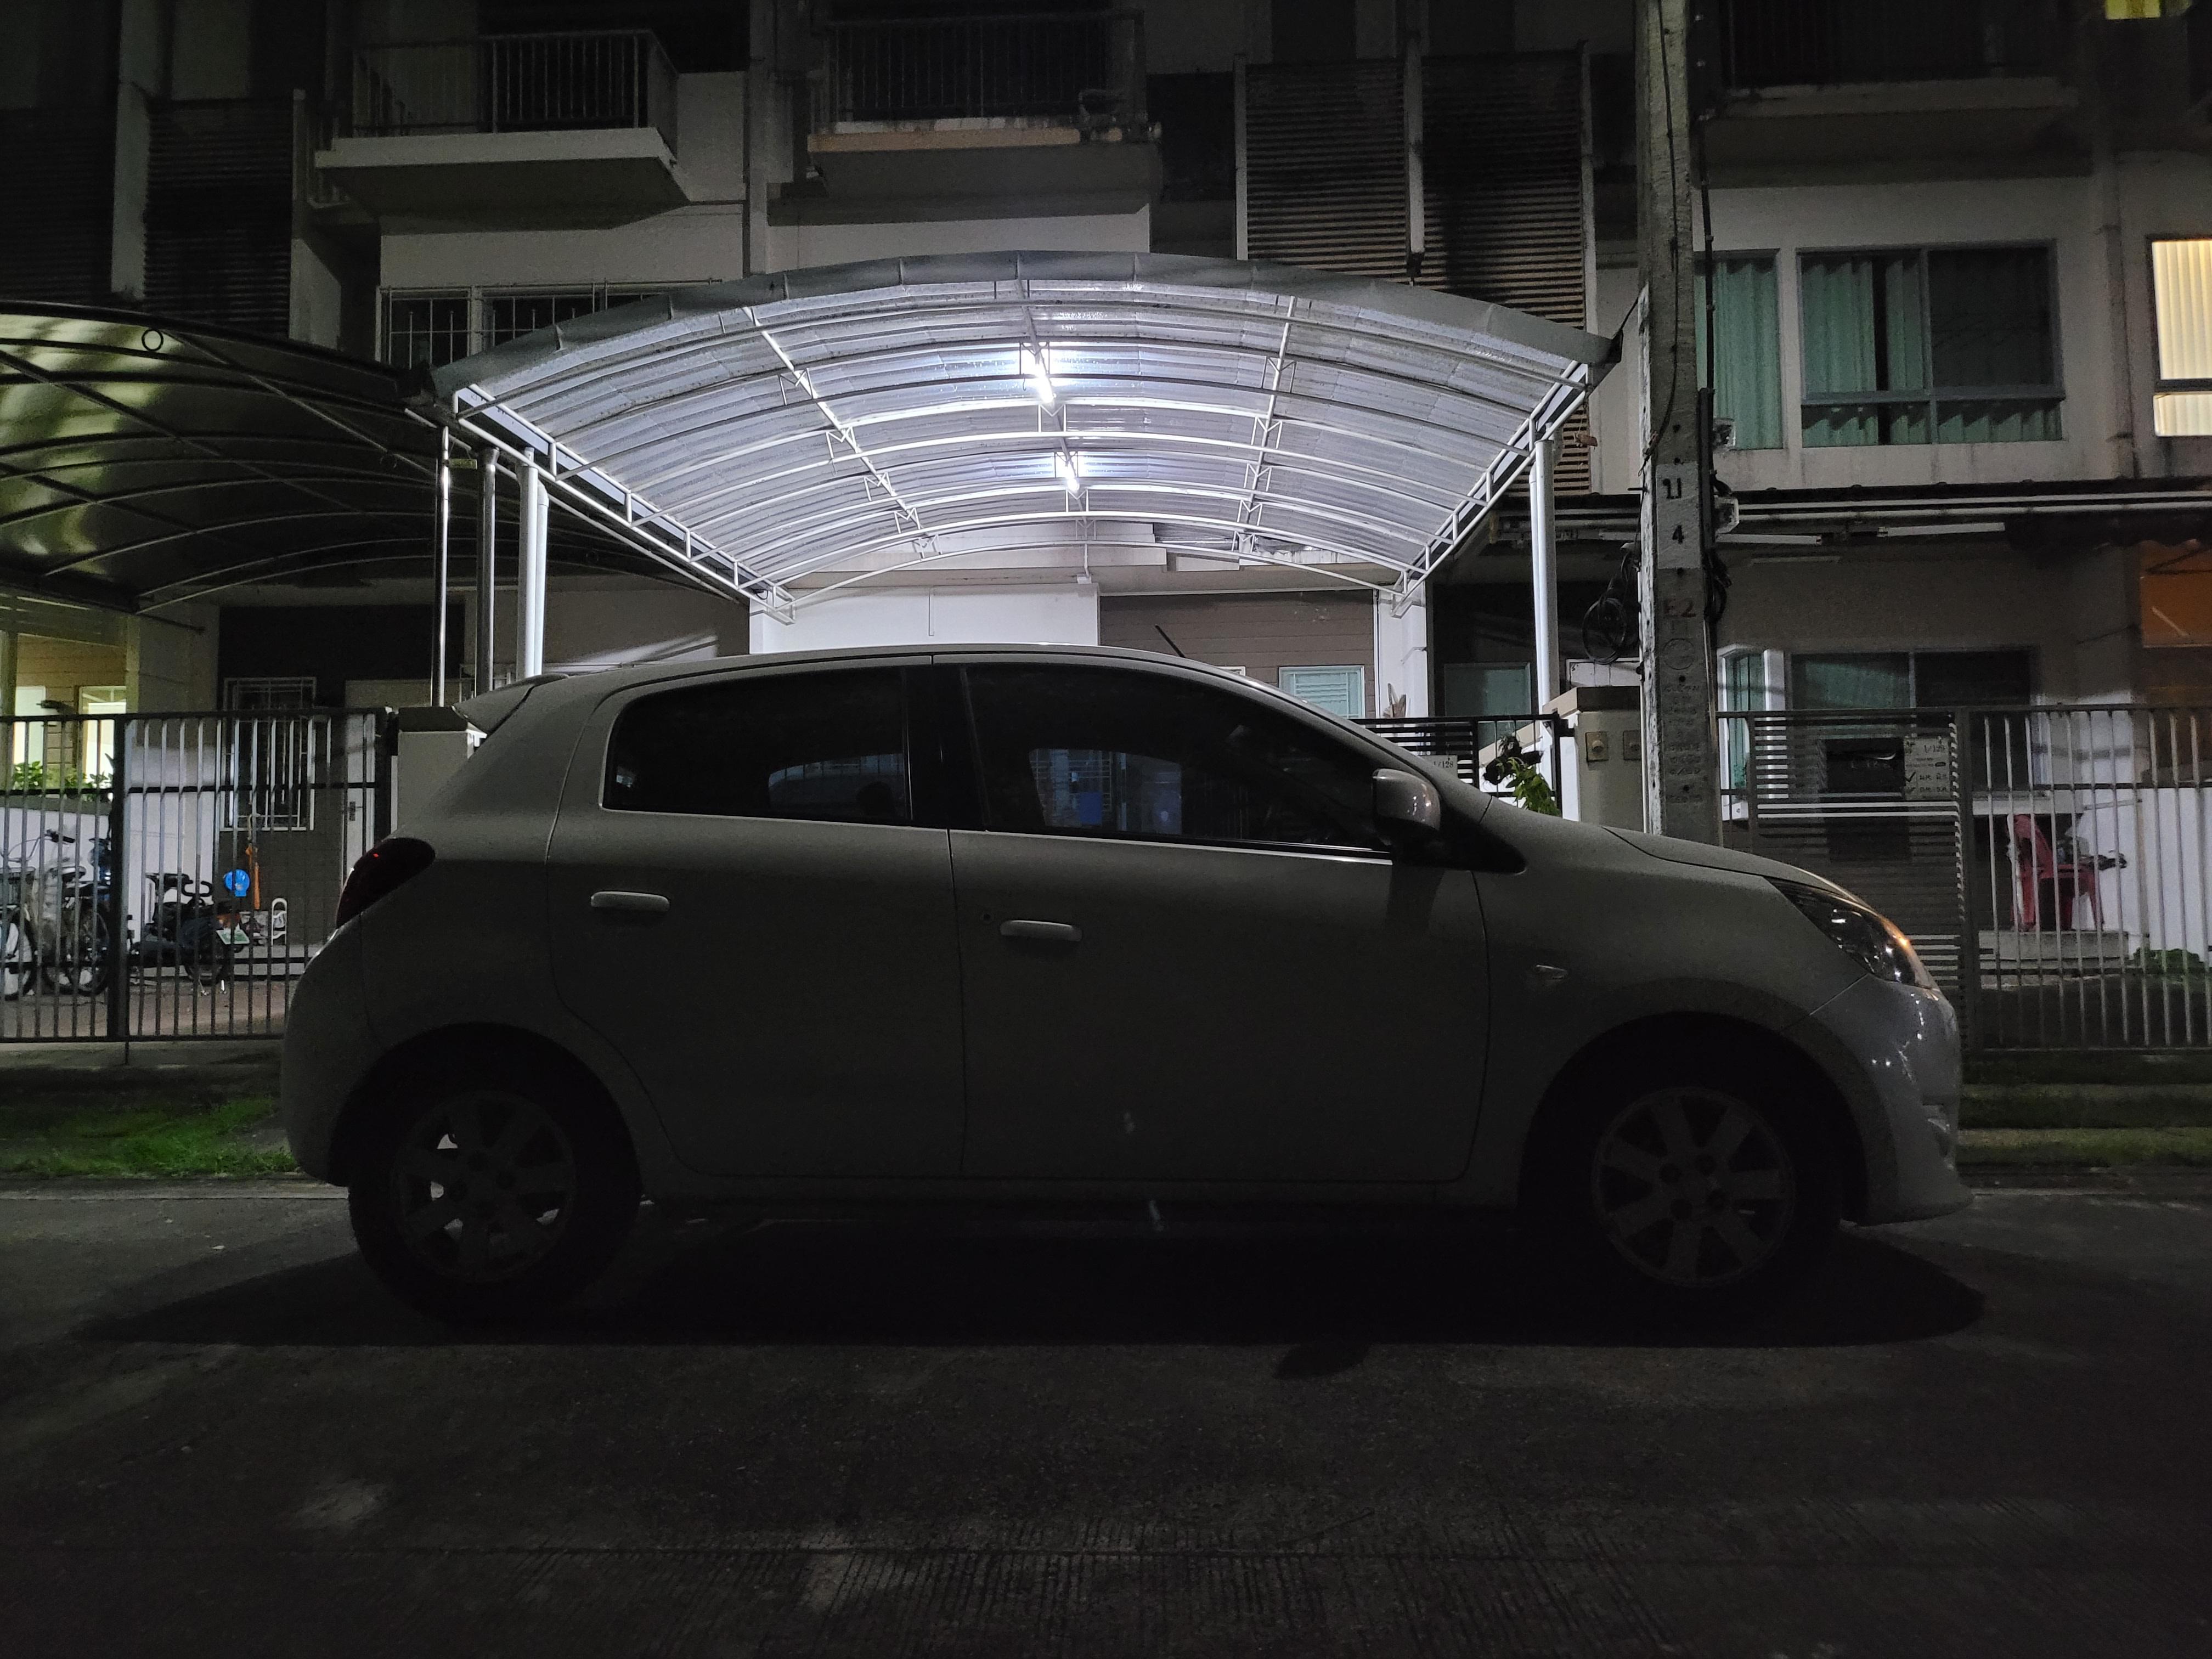 ภาพรถยนต์อีโค่คาร์สีขาวจอดอยู่หน้าบ้าน ถ่าย